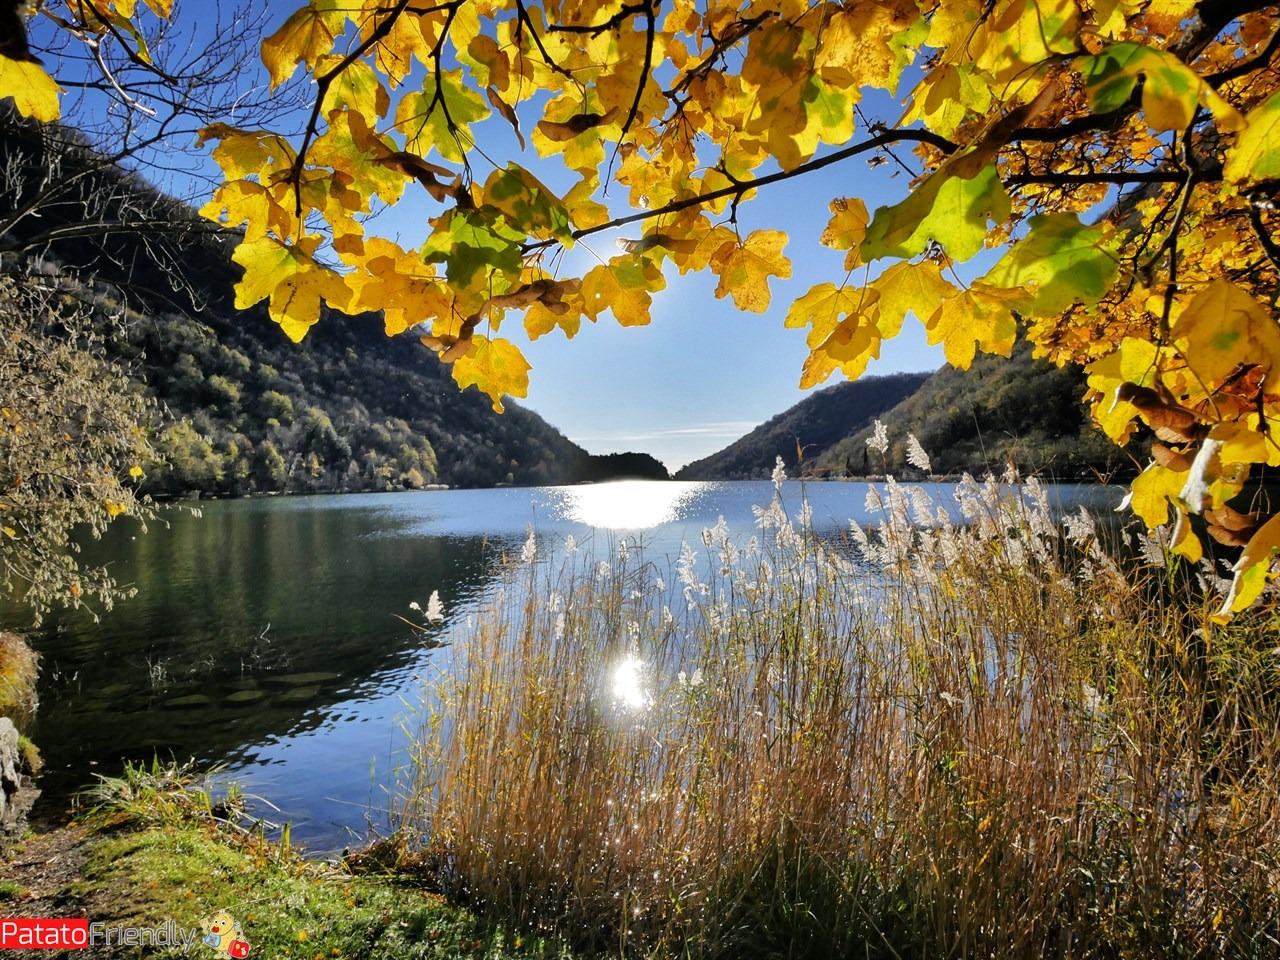 Una gita al lago vicino a milano il lago del segrino for Noleggio di cabine per lago